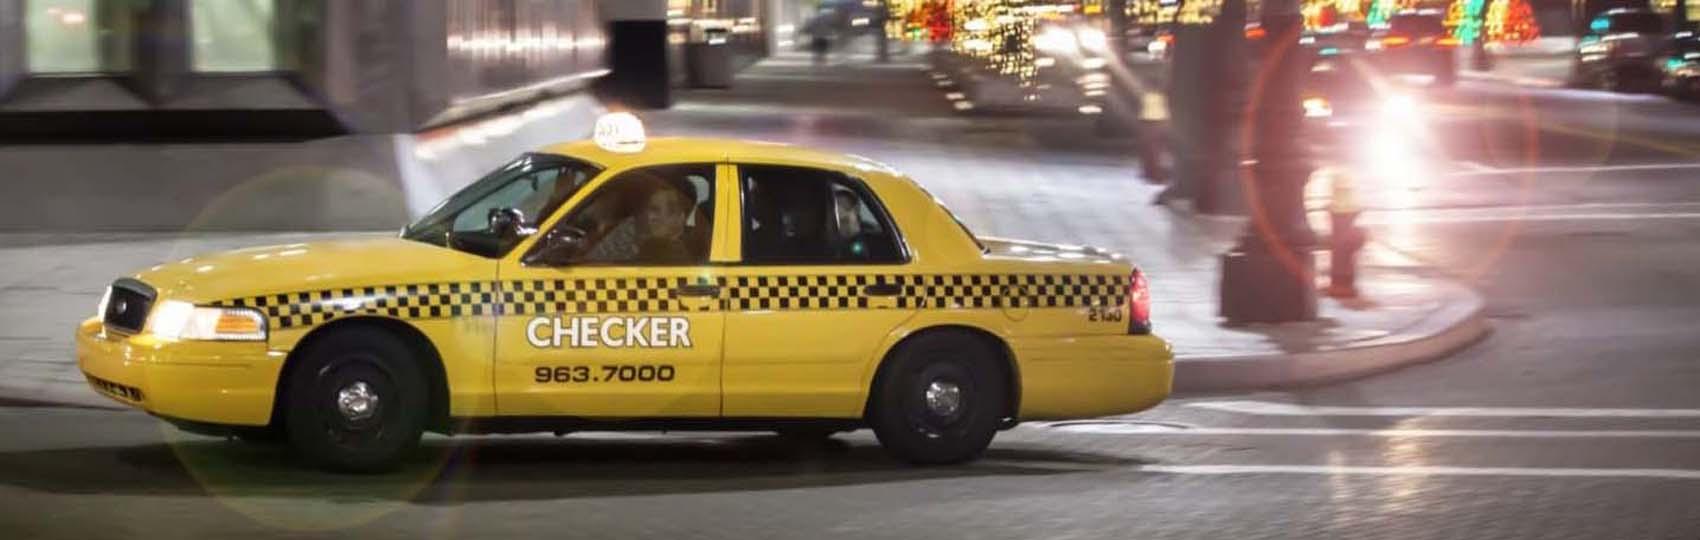 Noticias del sector del taxi y la movilidad en Michigan. Mantente informado de todas las noticias del taxi de Michigan en el grupo de Facebook de Todo Taxi.